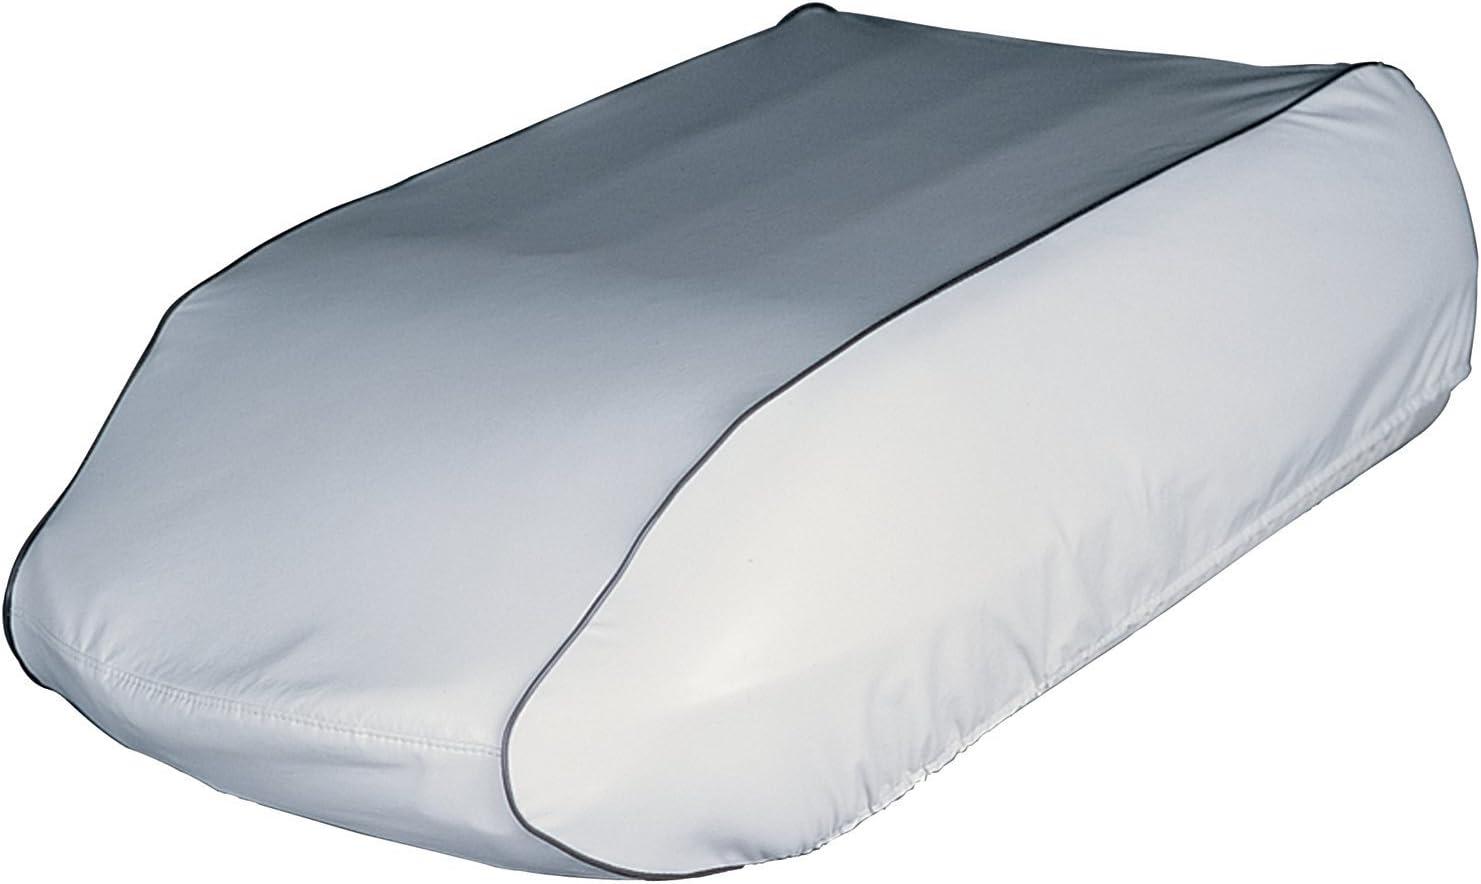 ADCO 3003 White Size 3 RV Air Conditioner Cover